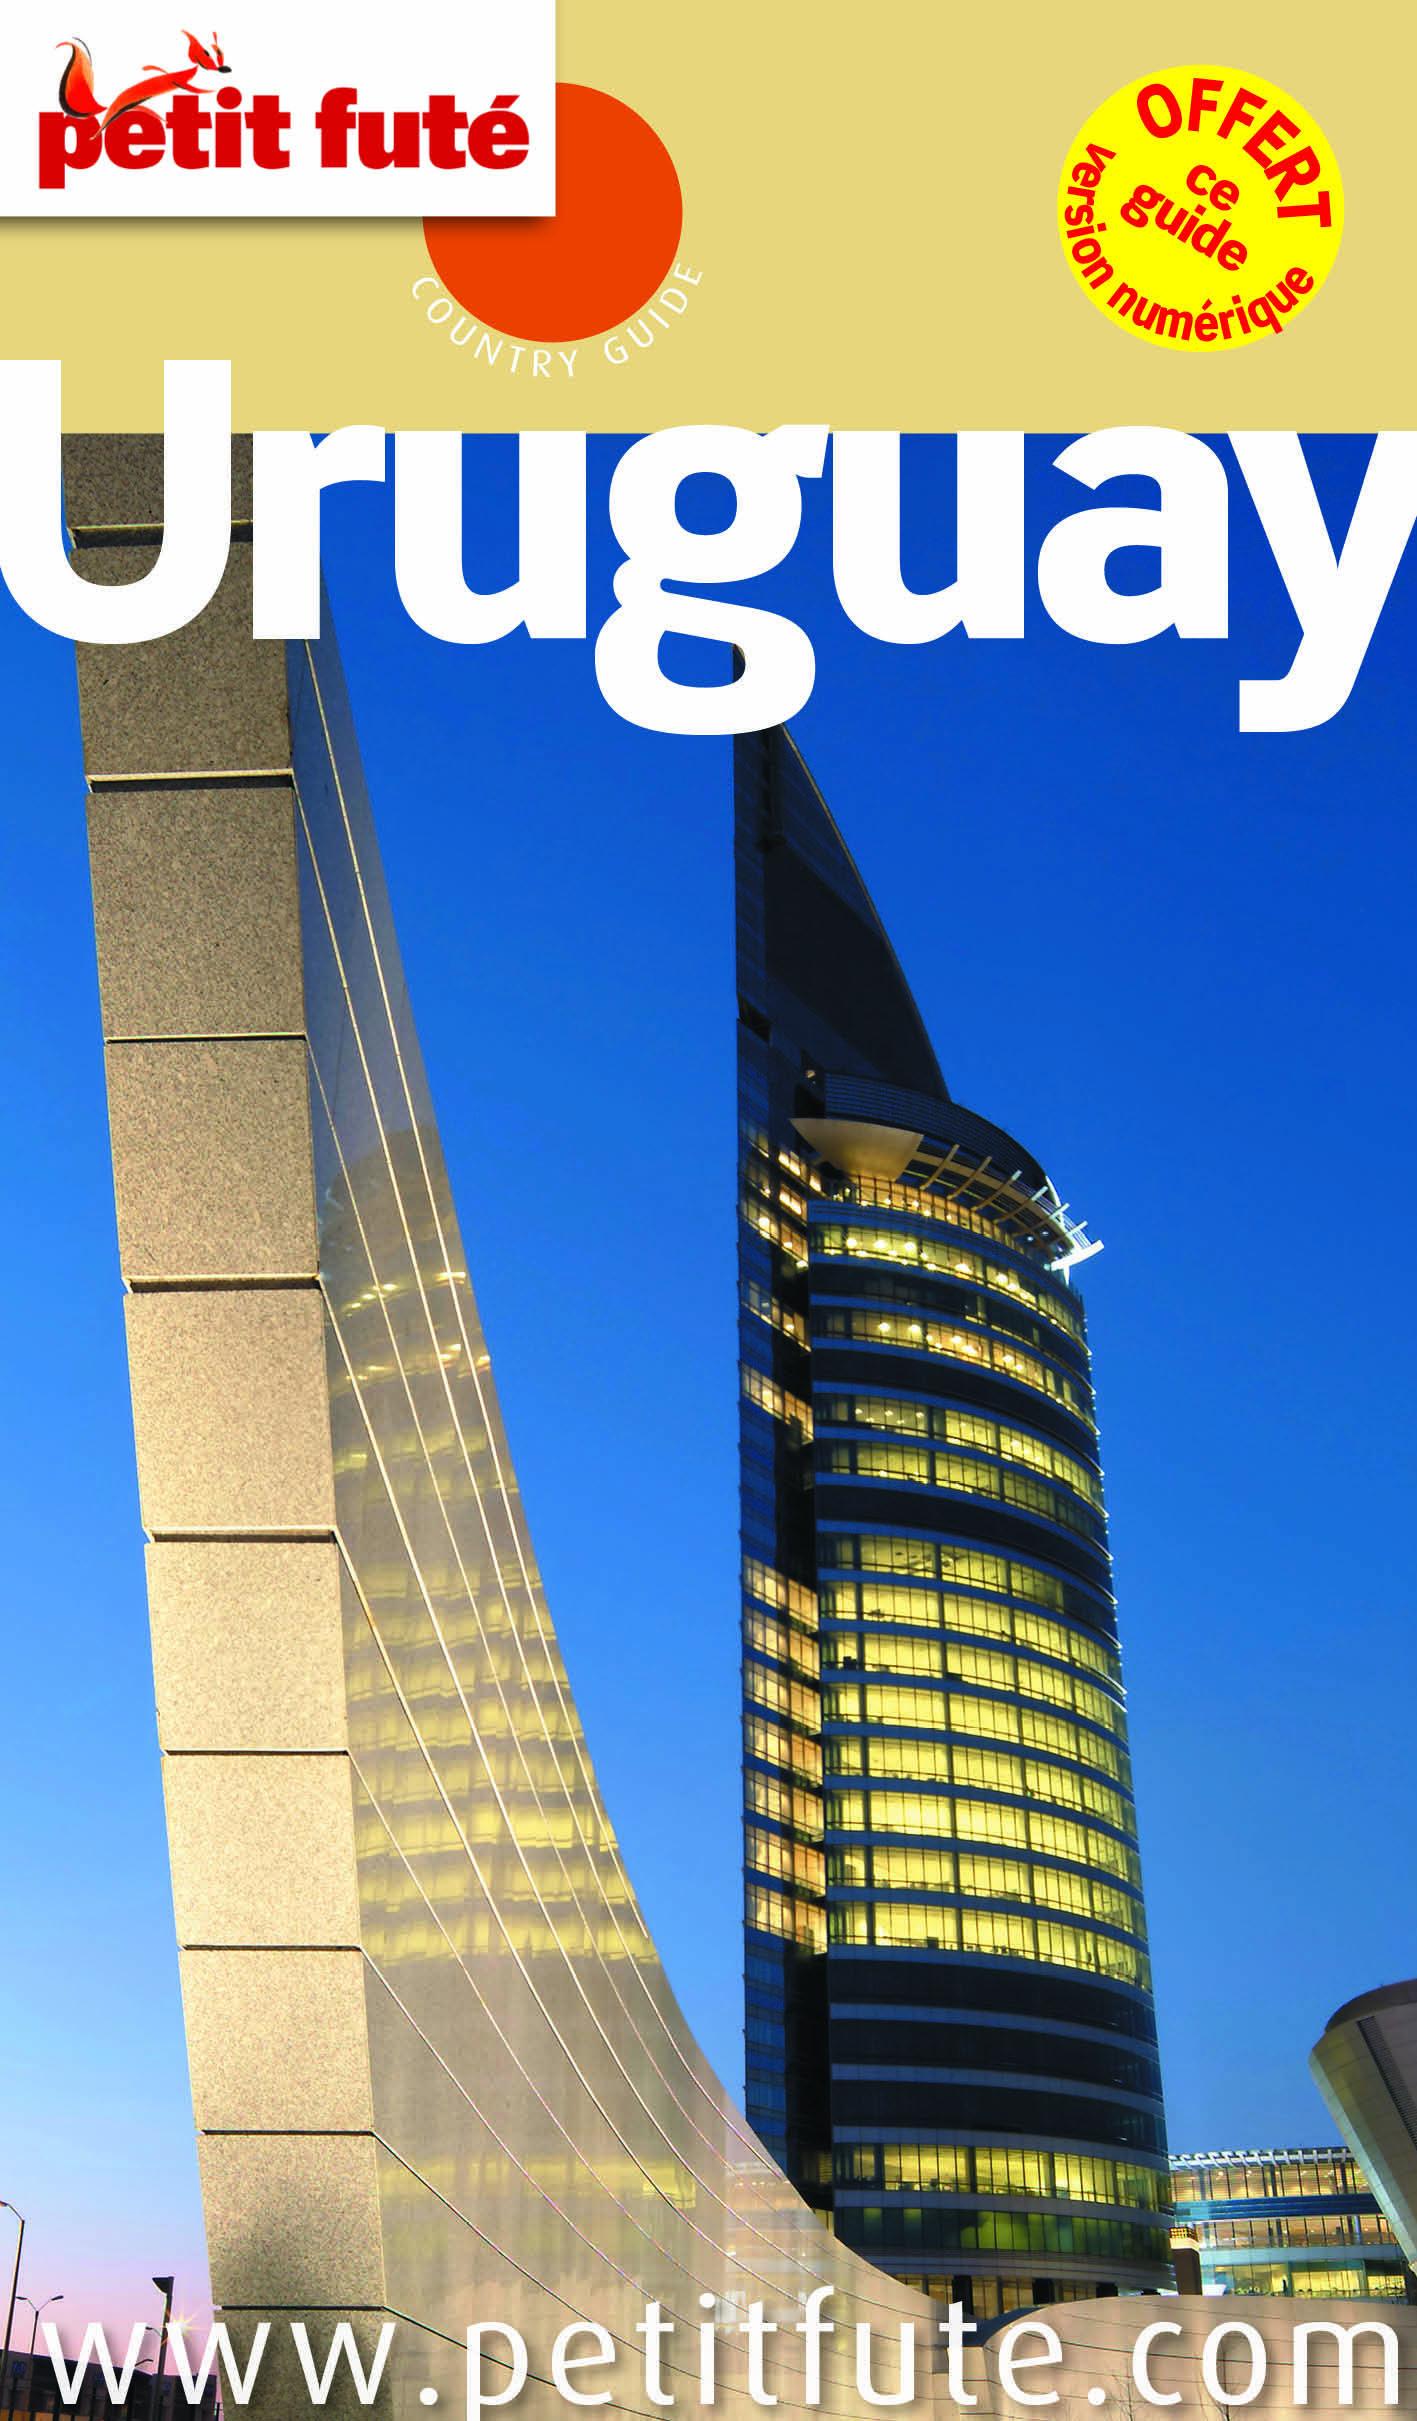 URUGUAY 2014 PETIT FUTE + NUMERIQUE